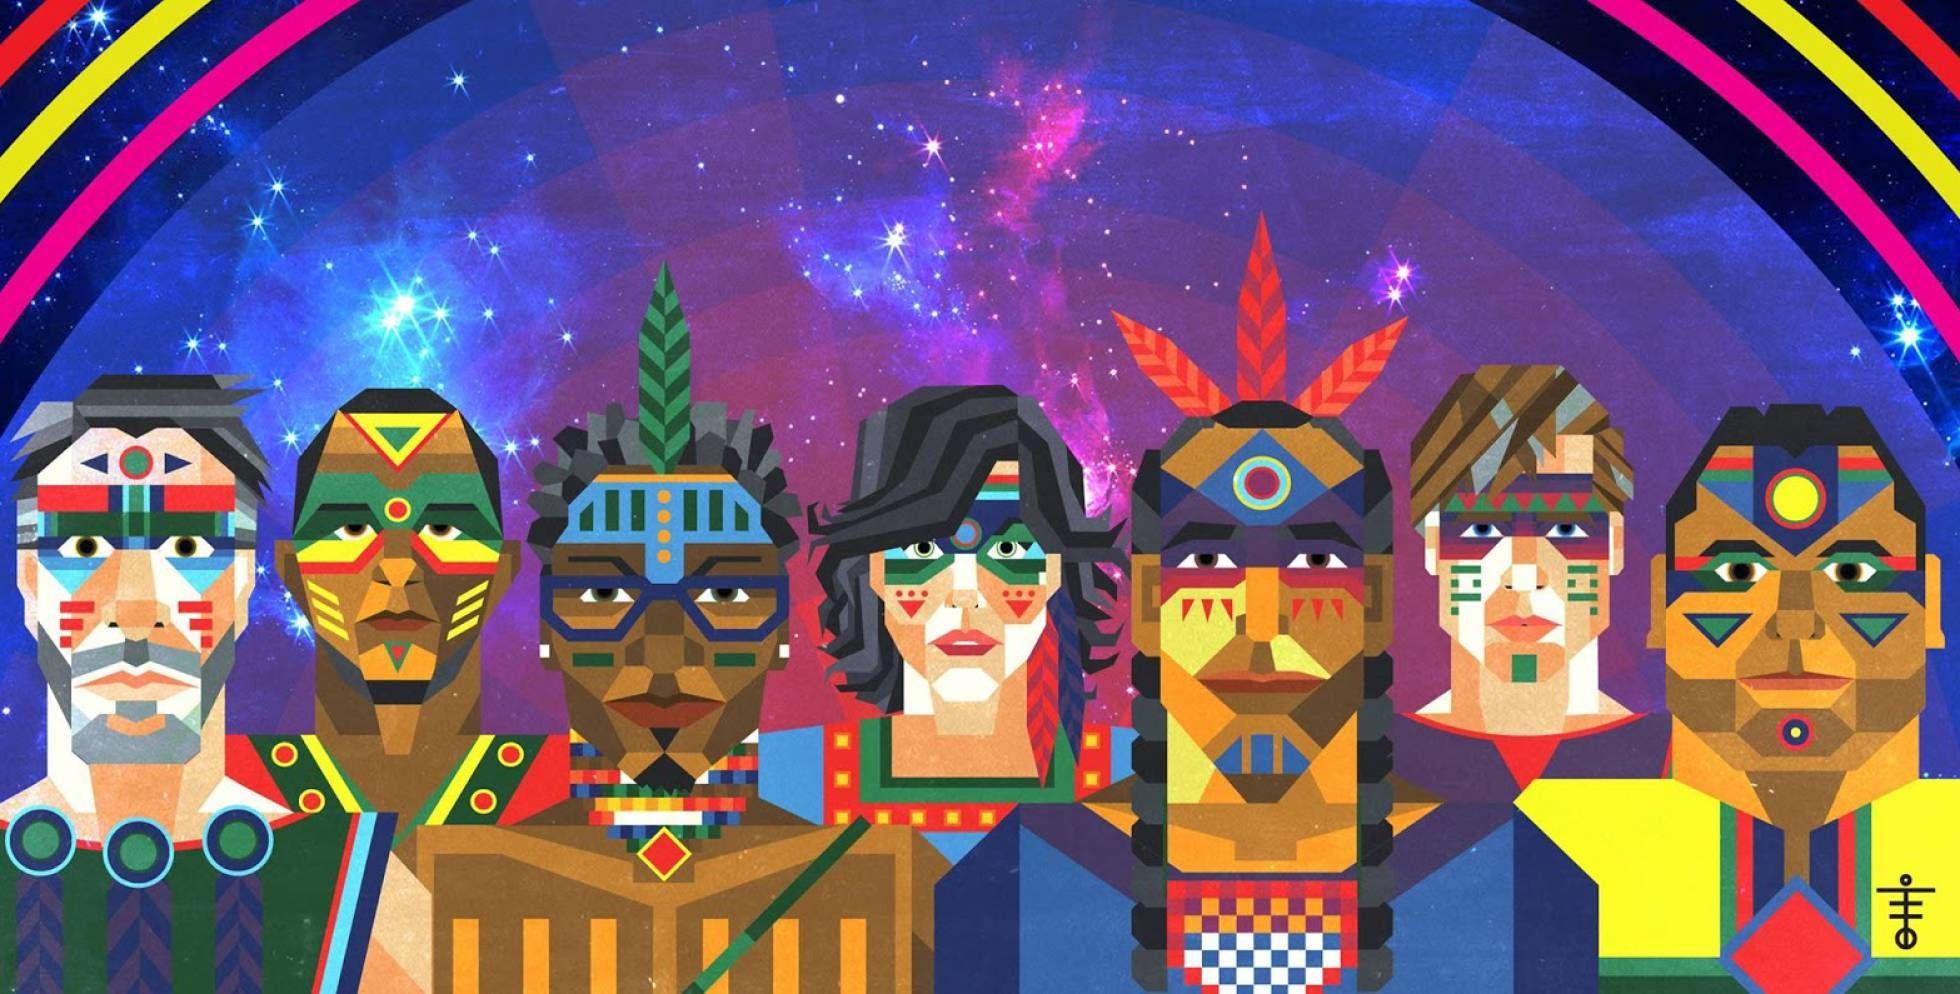 Foto promocional da banda Systema Solar, coletivo músico-visual da região do…